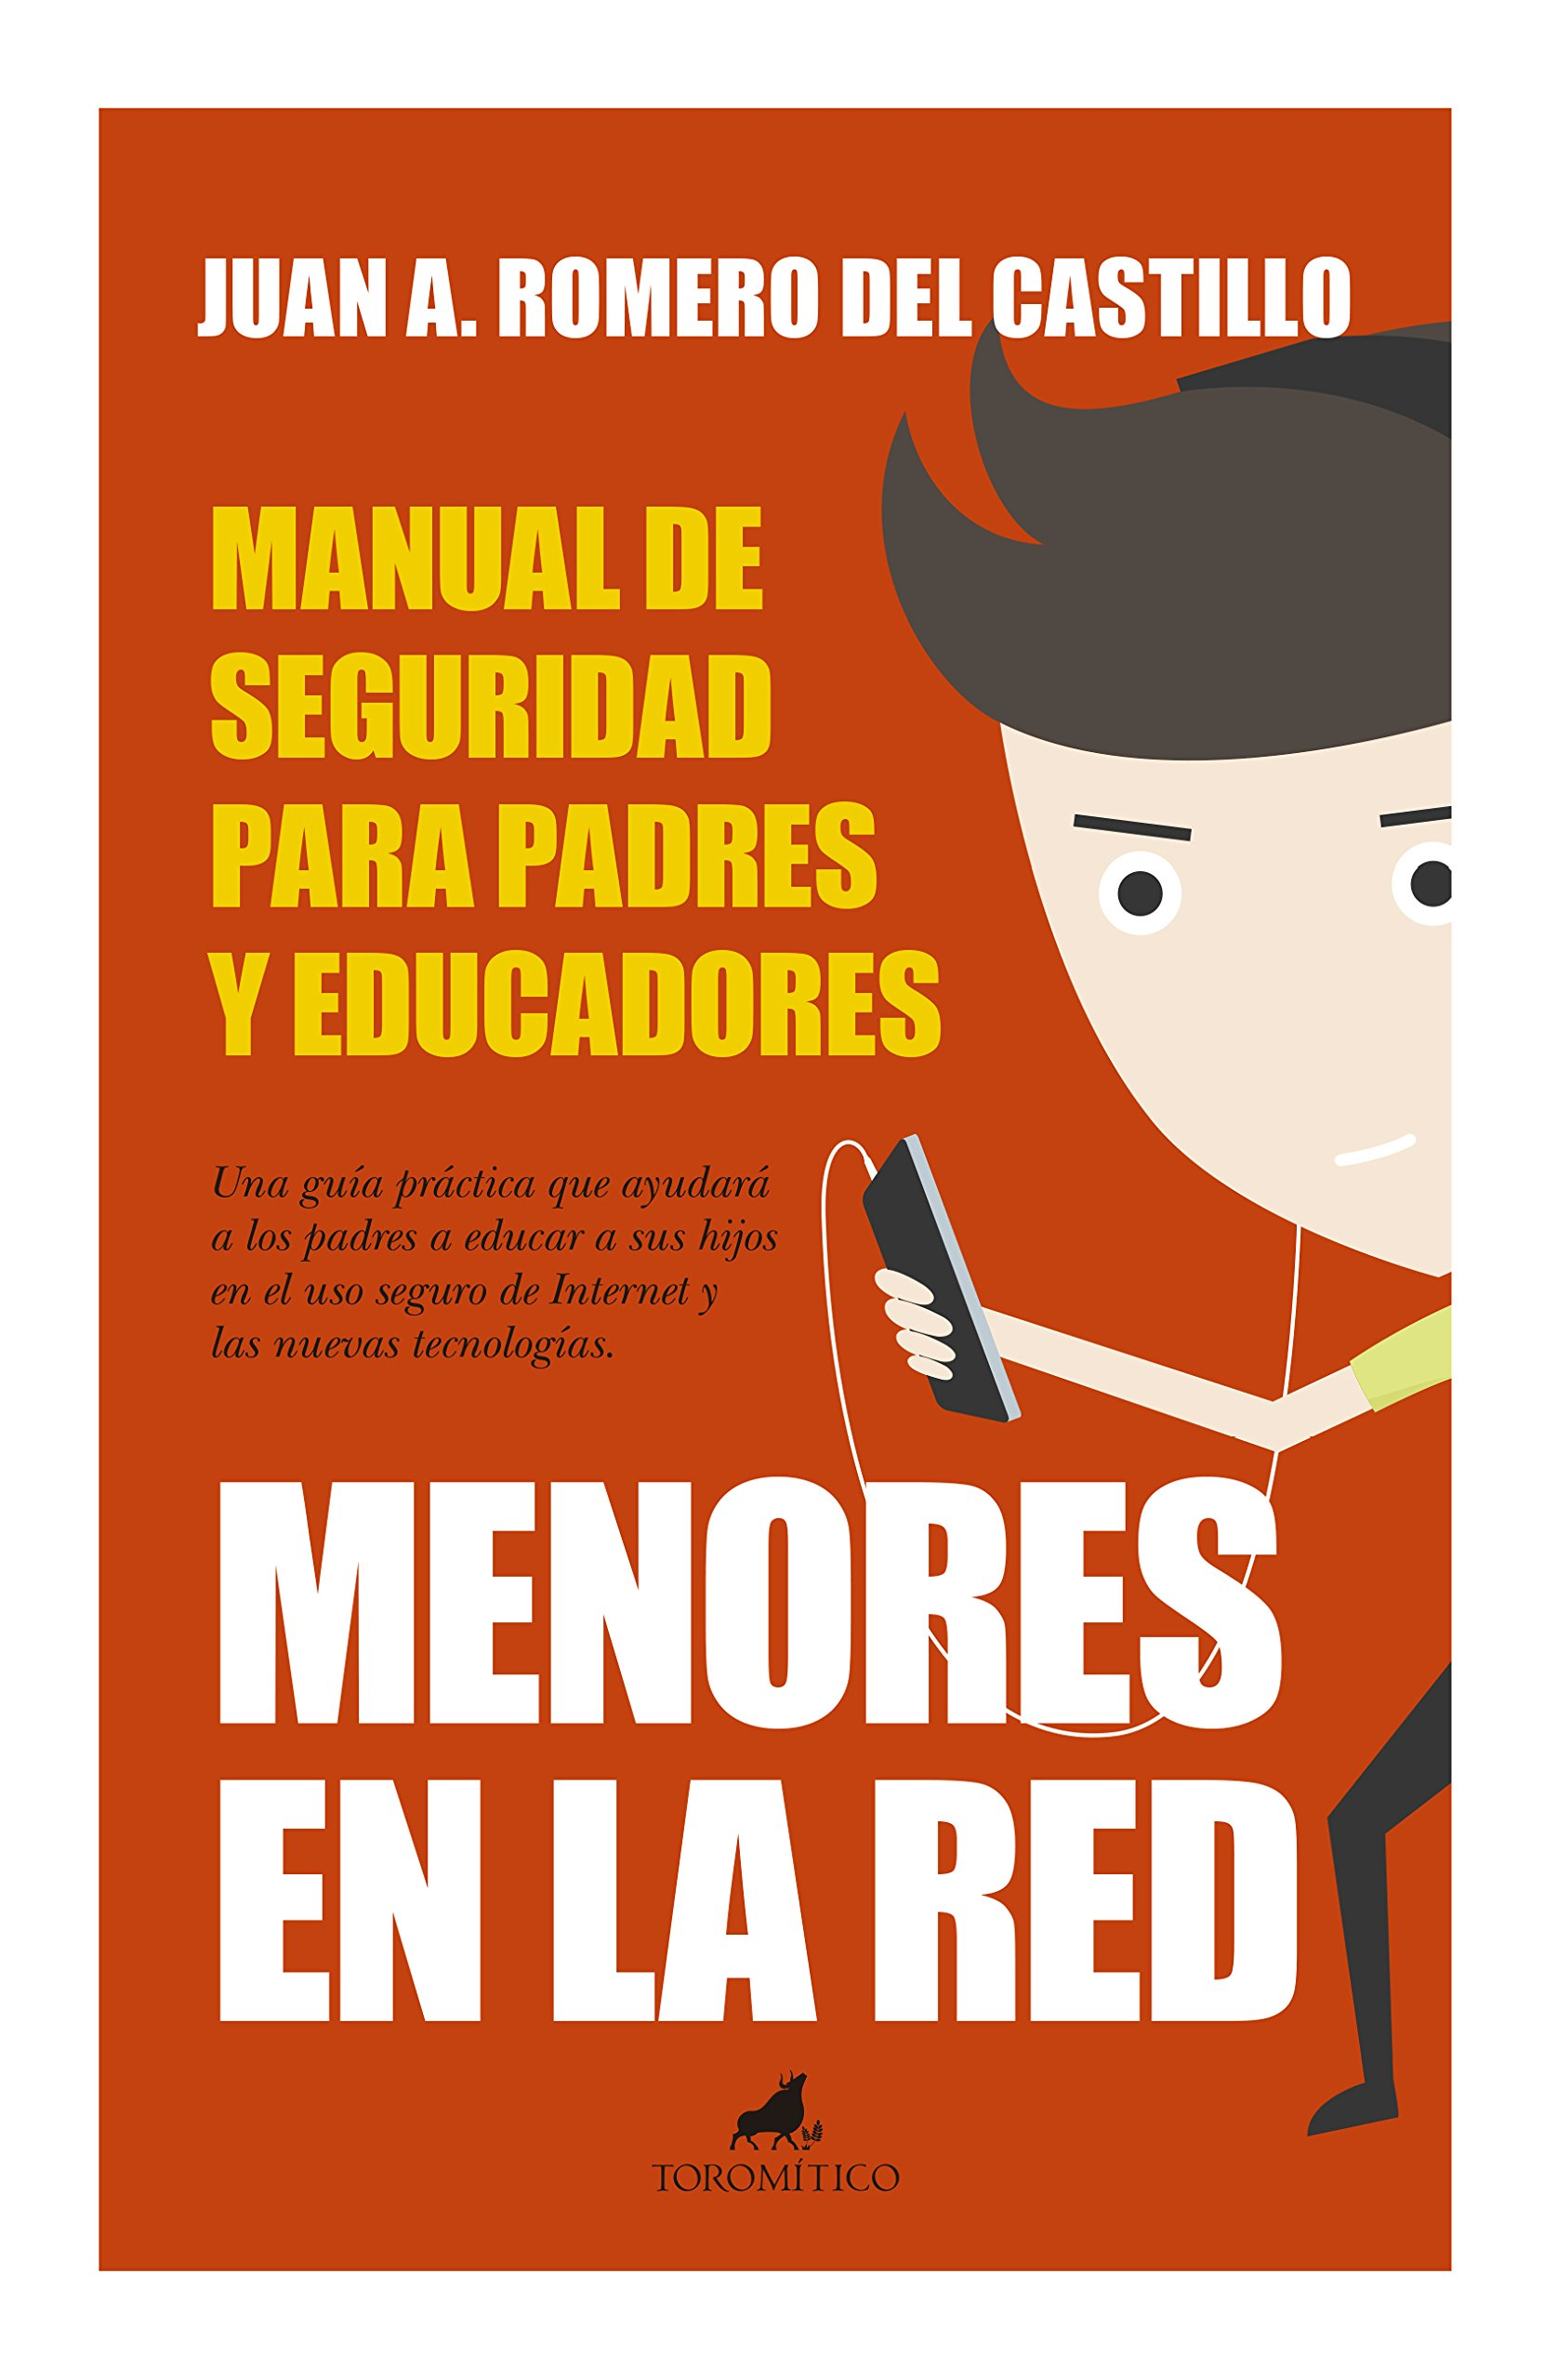 Menores En La Red: Manual De Seguridad (Padres educadores) Tapa blanda – 22 abr 2015 Juan Antonio Romero Editorial Toromítico 841594330X Advice on education